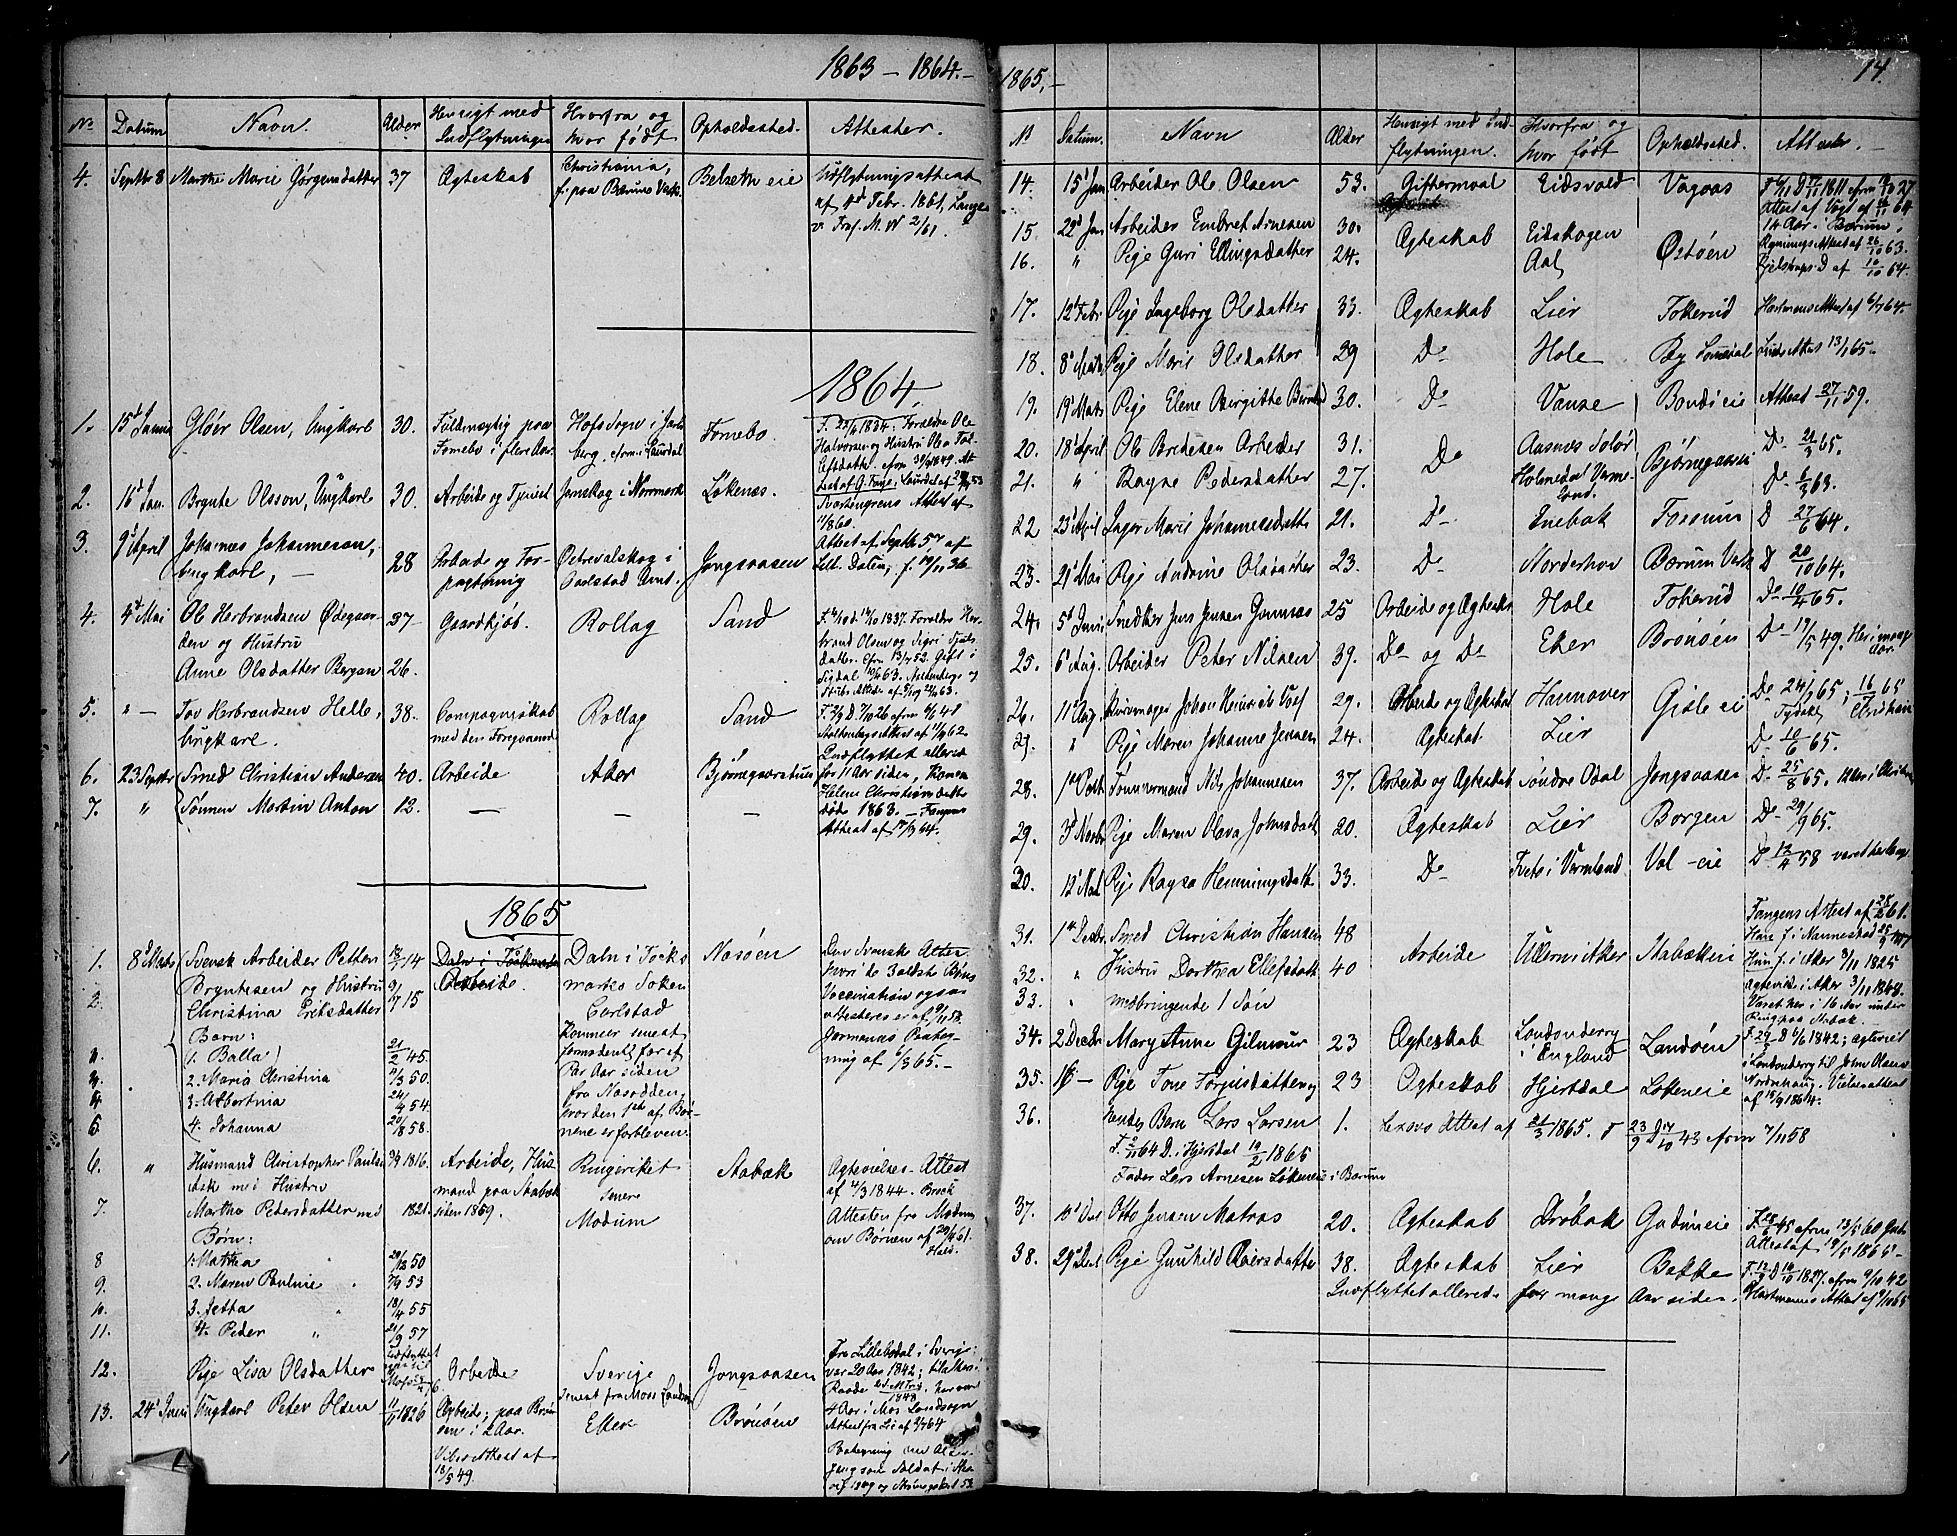 SAO, Asker prestekontor Kirkebøker, F/Fa/L0012: Ministerialbok nr. I 12, 1825-1878, s. 14